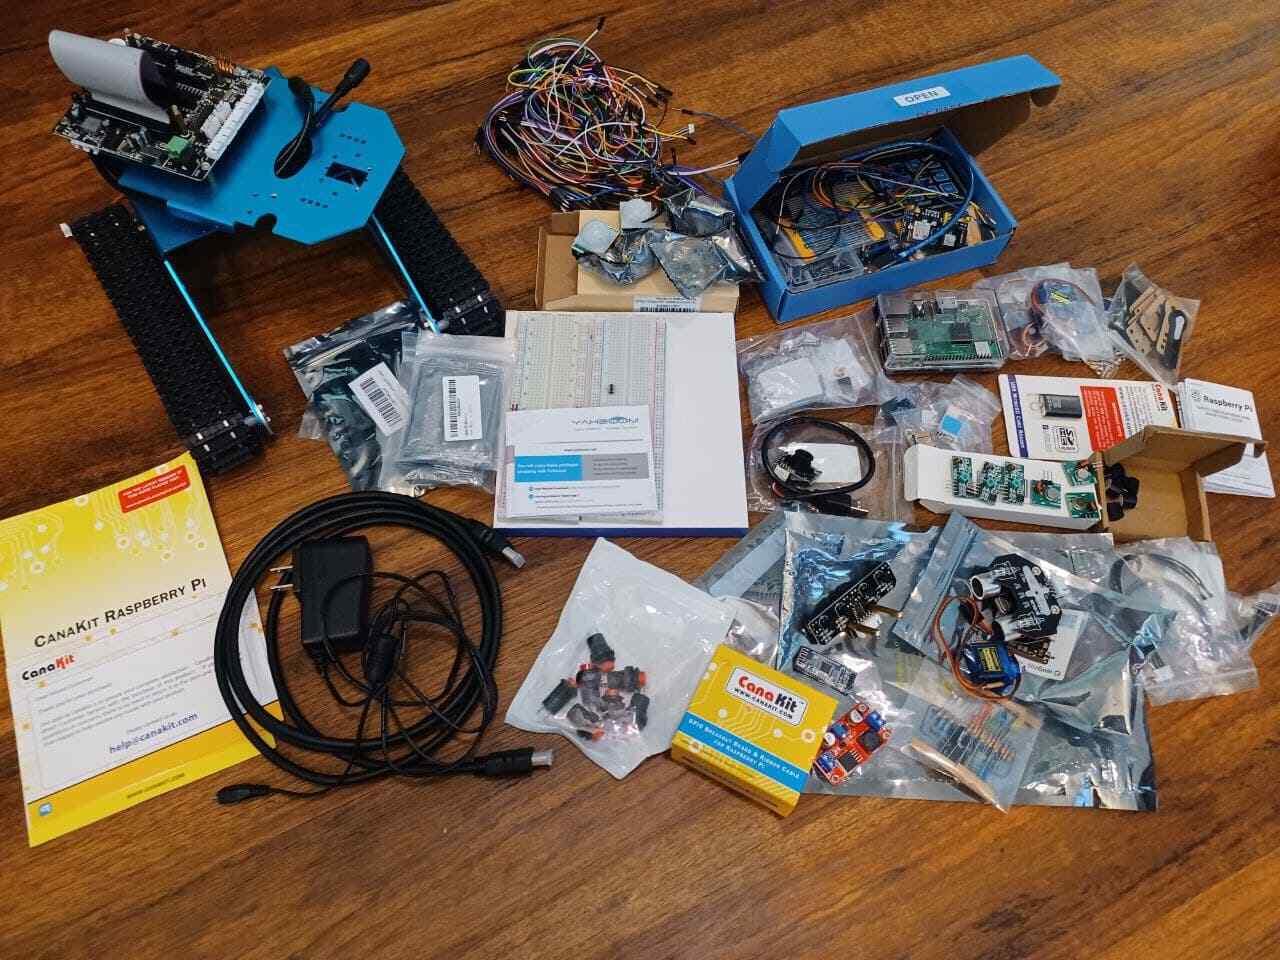 Massive Raspberry Pi 3B+ Robot DIY Kit Camera Sensors GPS Co